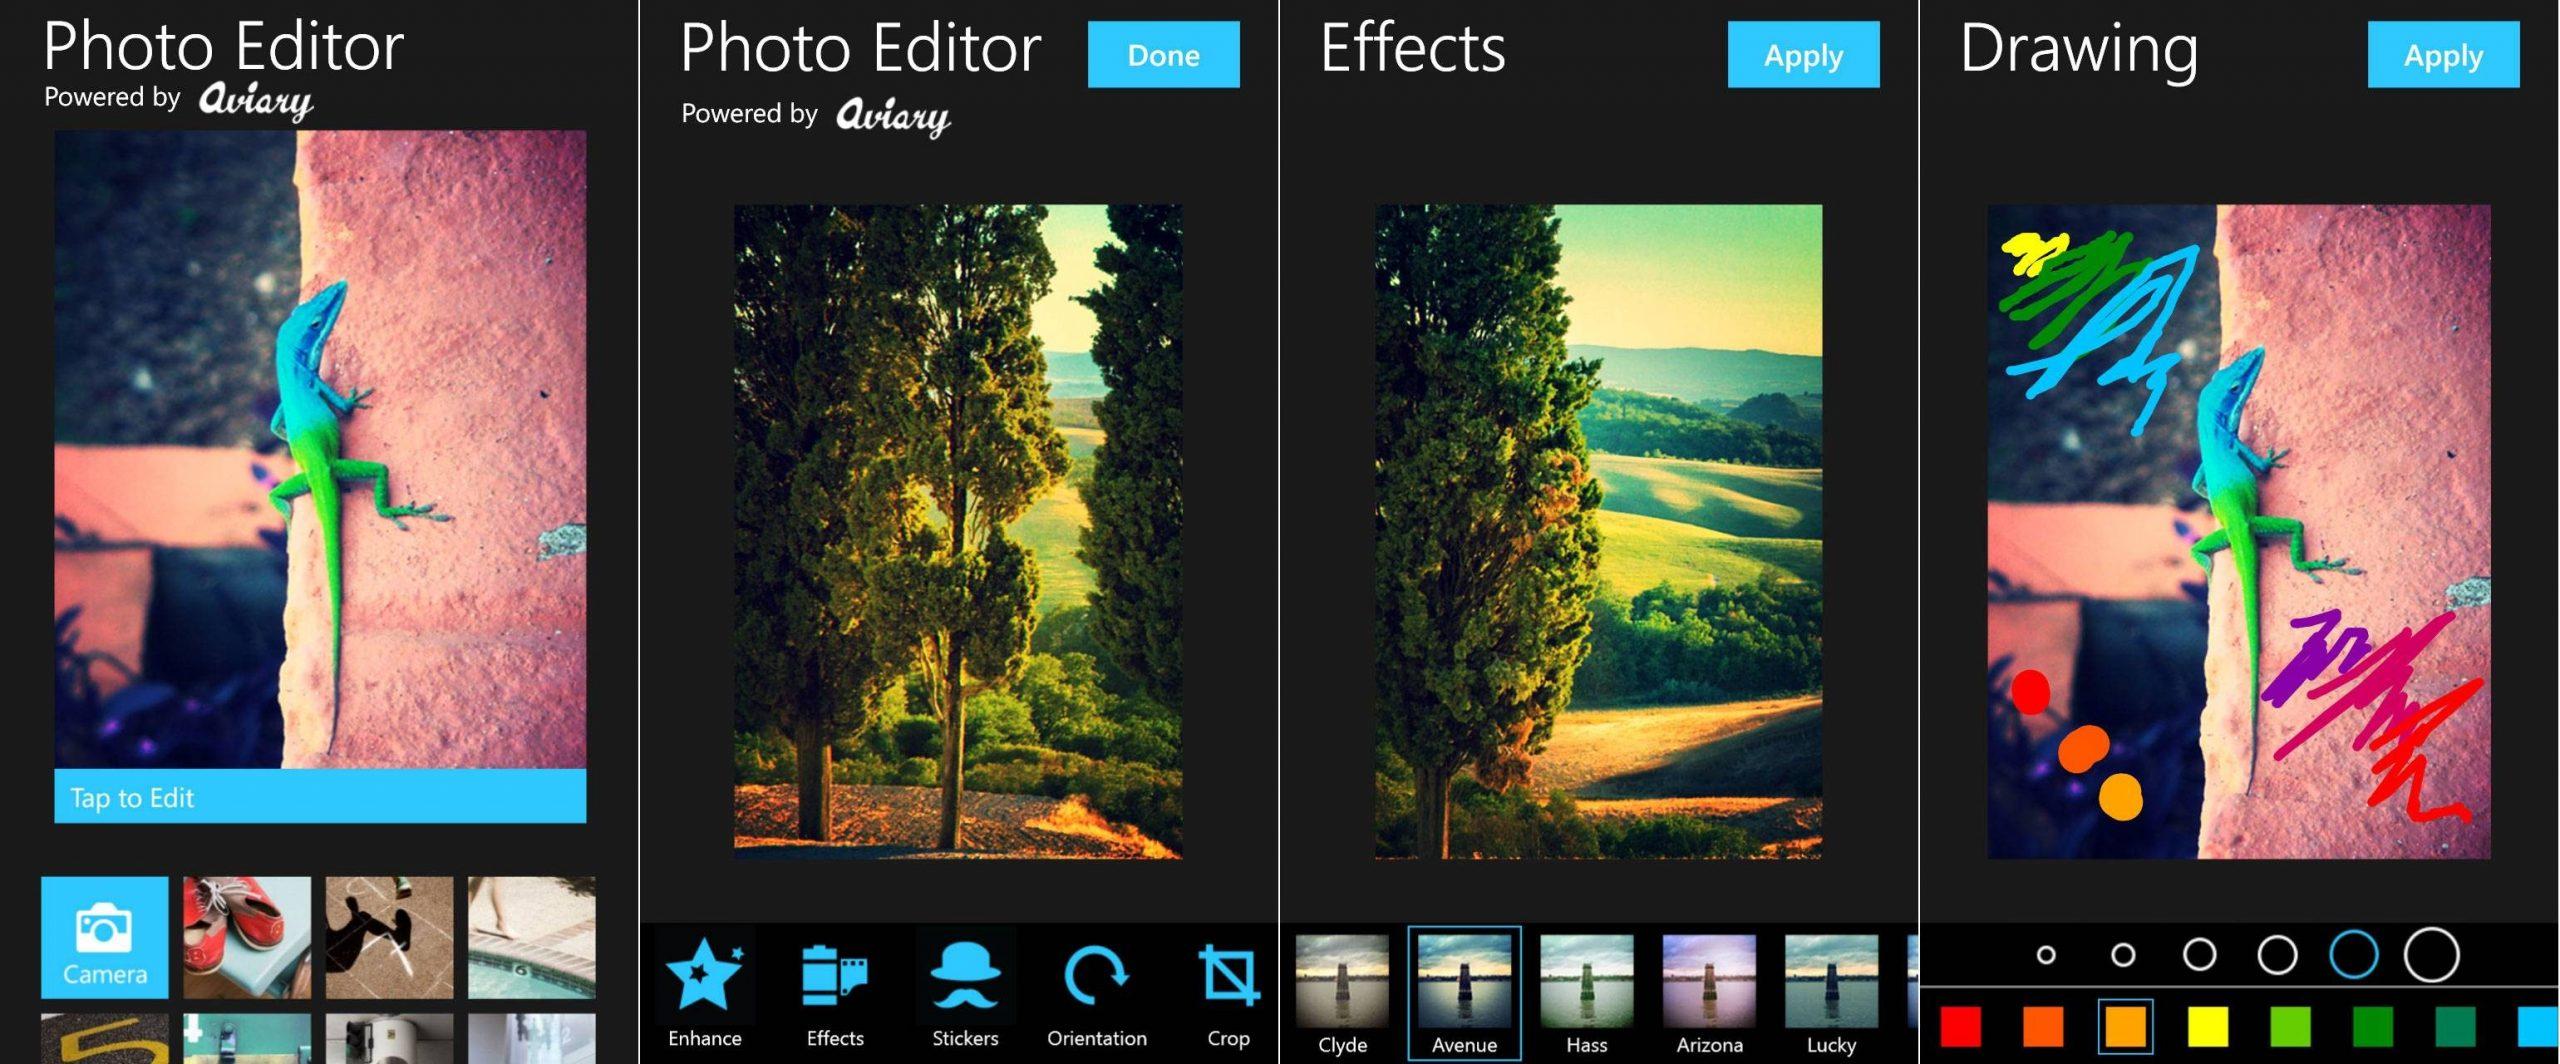 12 phần mềm chỉnh sửa ảnh trên điện thoại iPhone và Android 'vạn người mê' 10